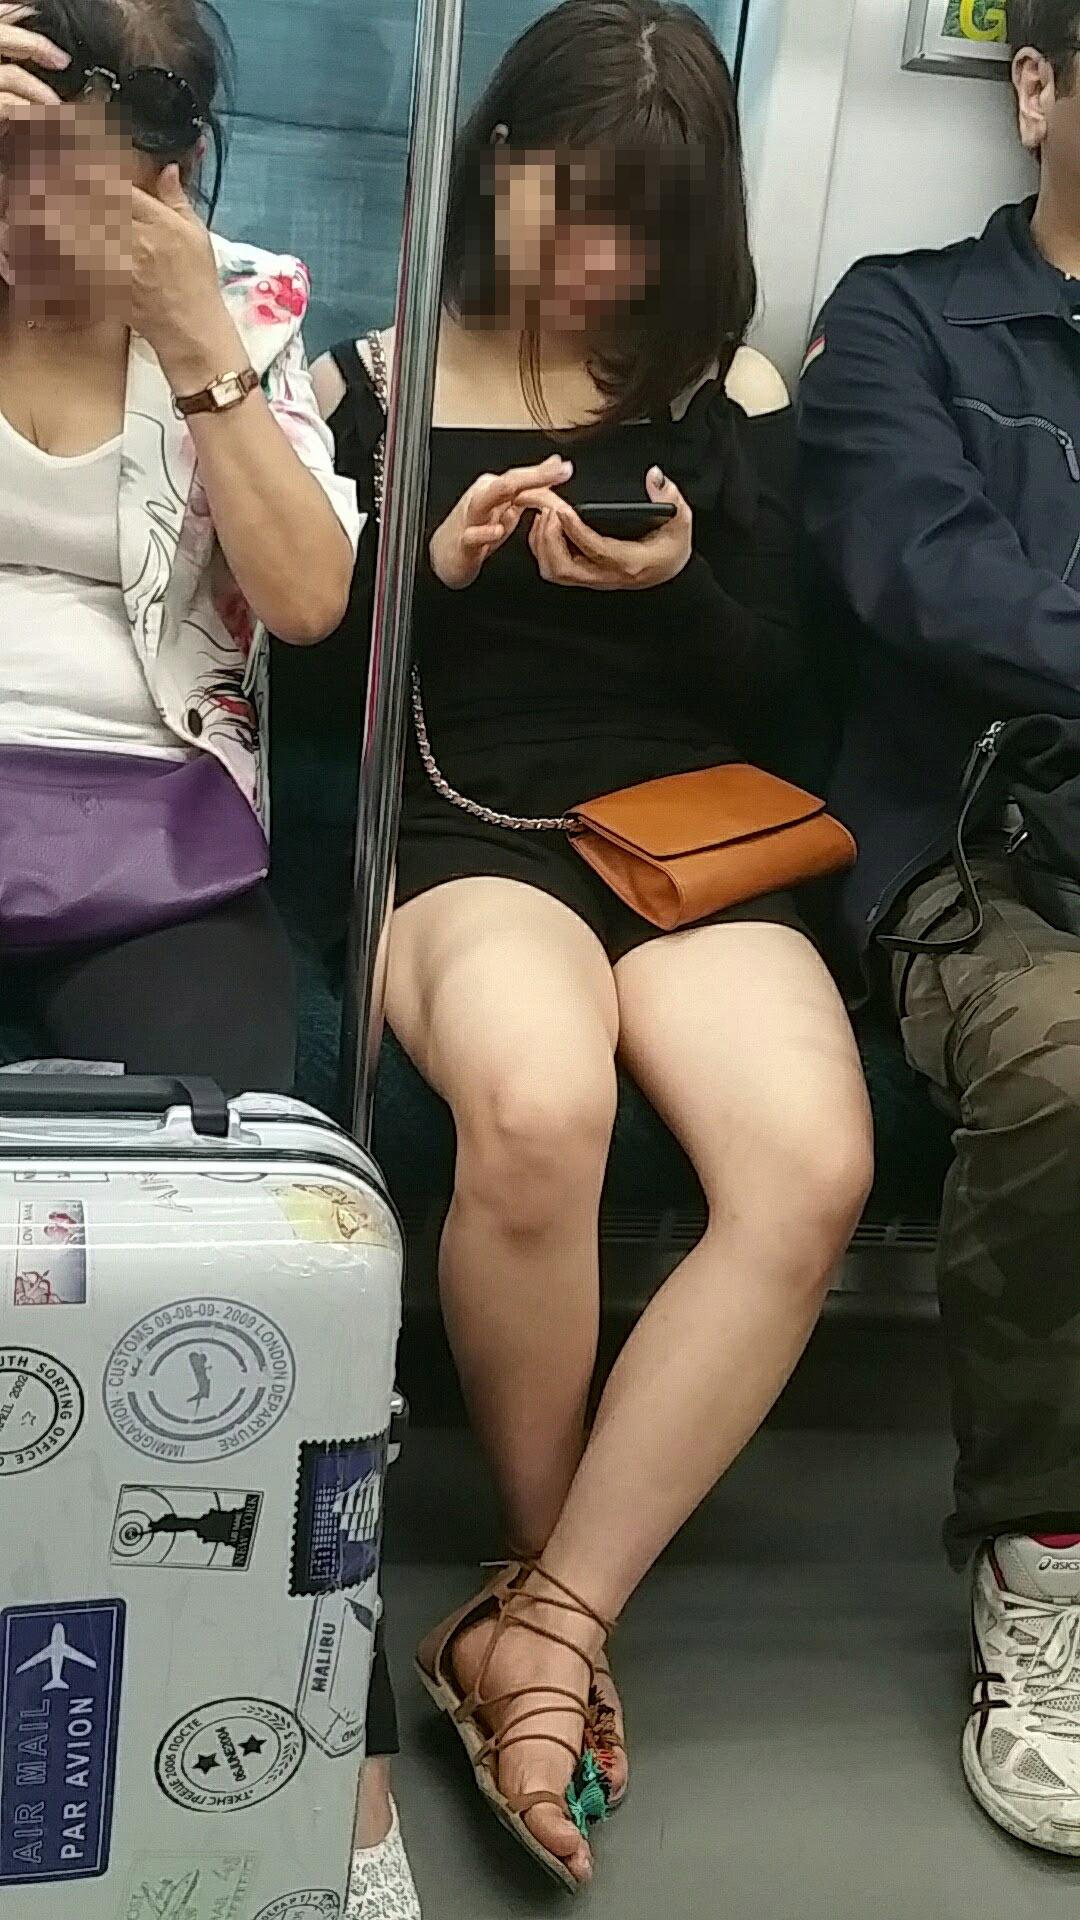 【美脚エロ画像】電車に乗って見知らぬ誰かのムッチリ美脚を無差別撮り!(;´∀`)